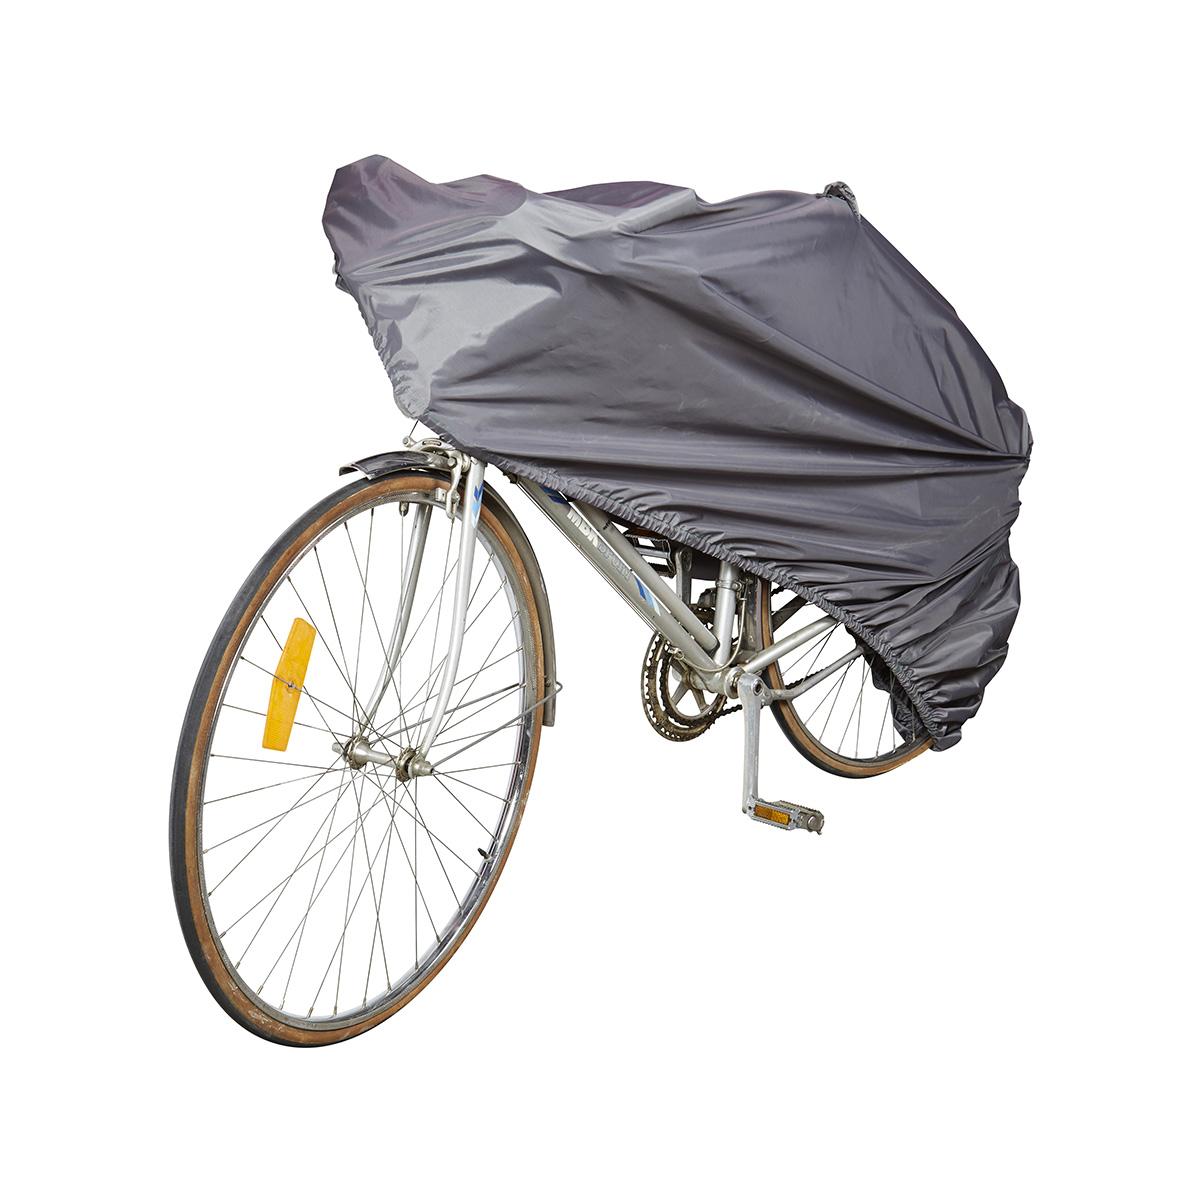 Housse de protection pour Vélo - Innov' Axe